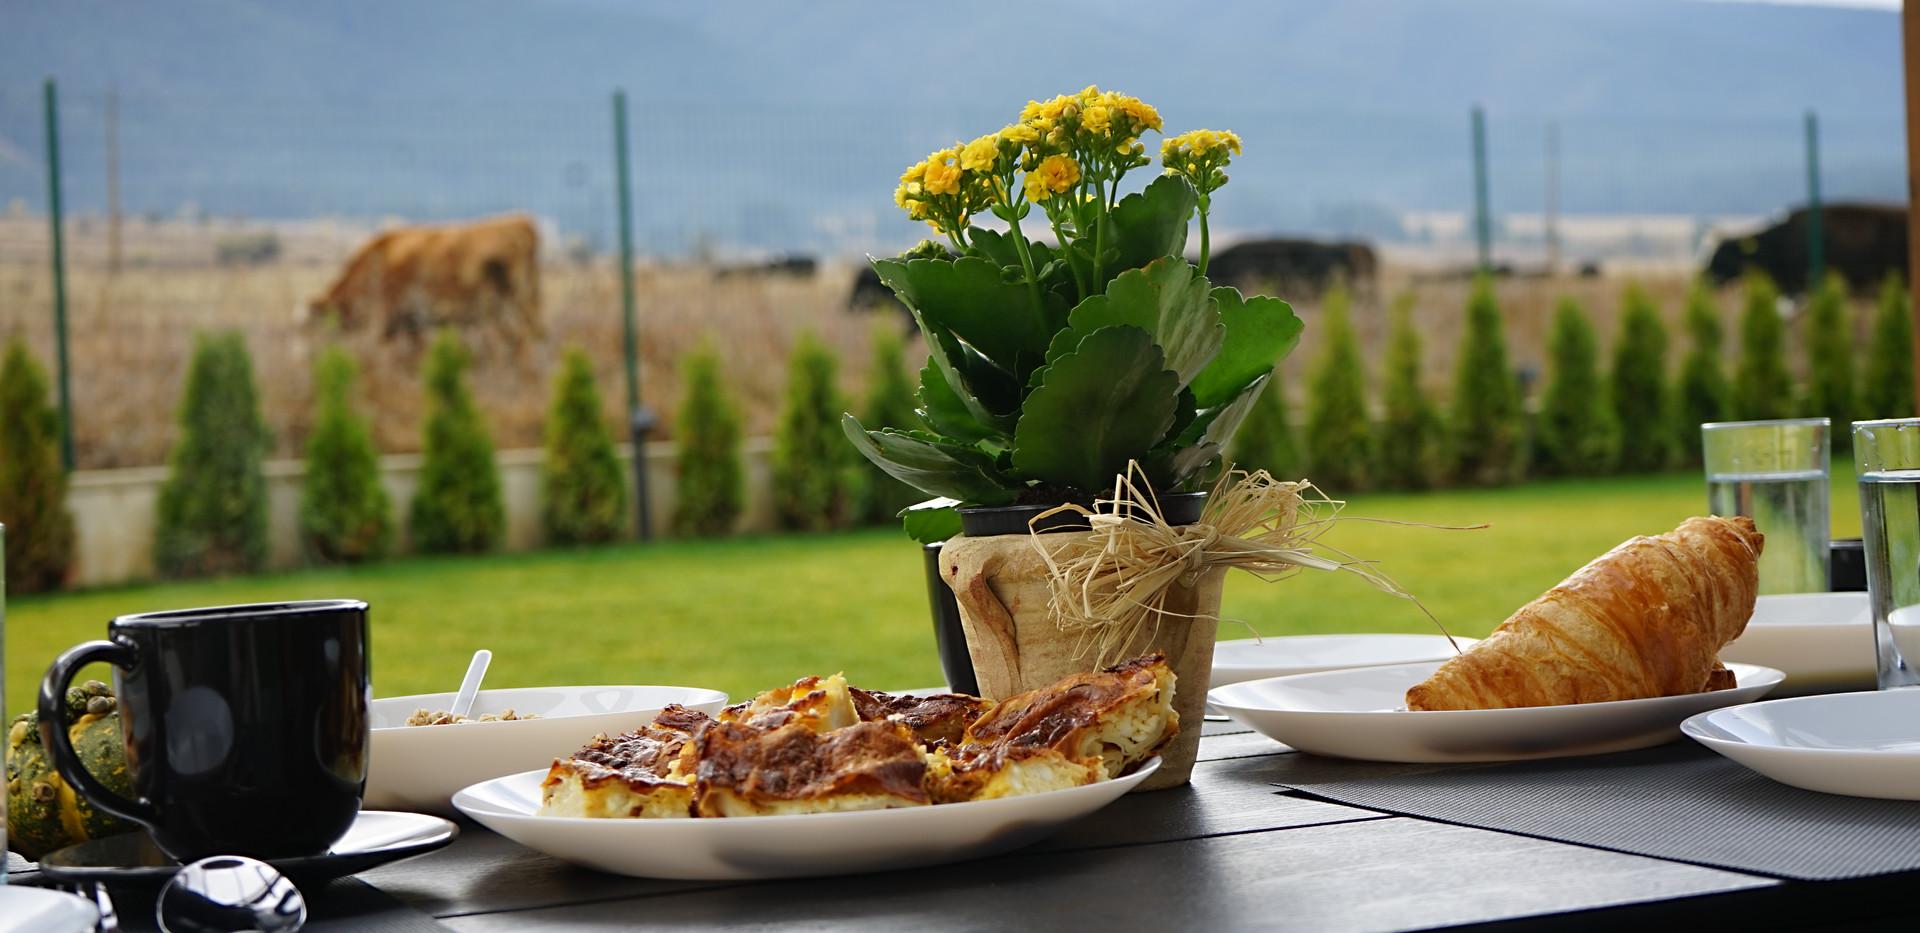 Breakfast at Samovilla